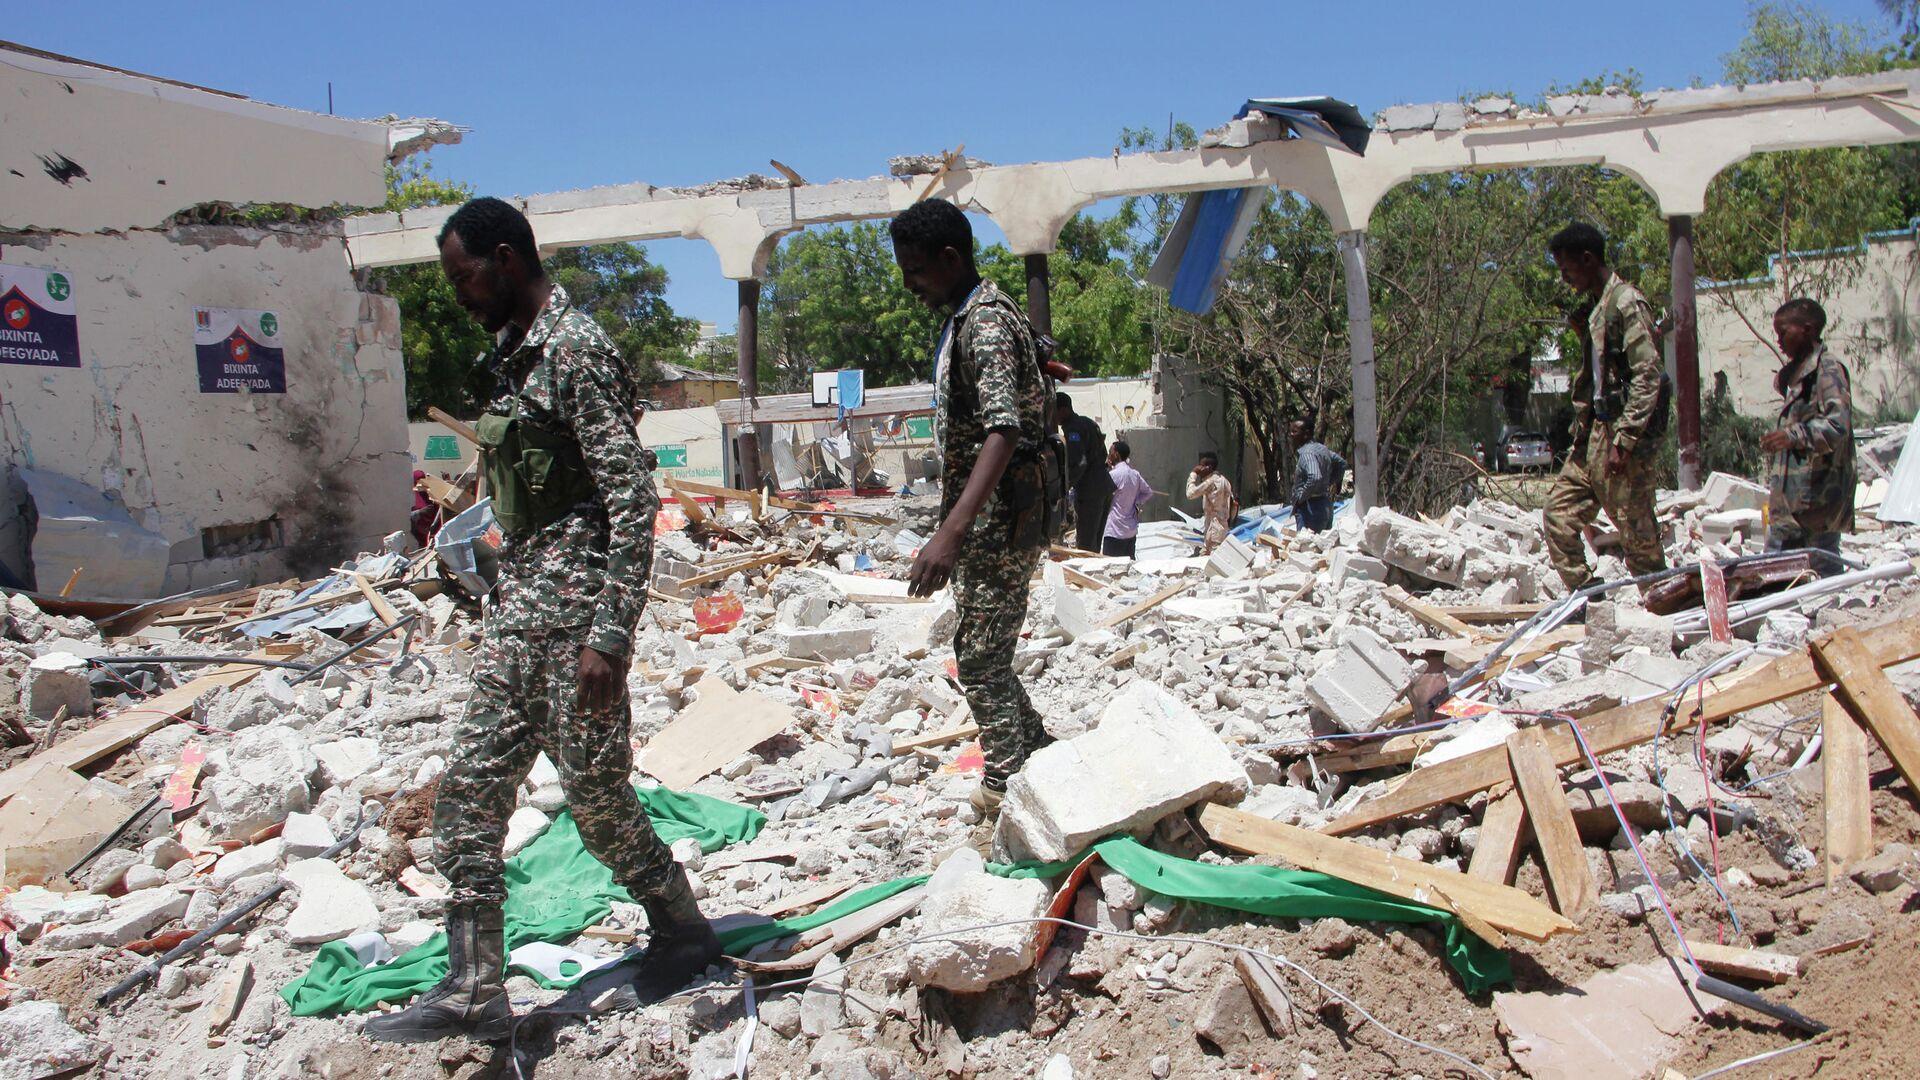 Военные на месте взрыва в столице Сомали Могадишо. 14 мая 2019 - РИА Новости, 1920, 28.02.2021